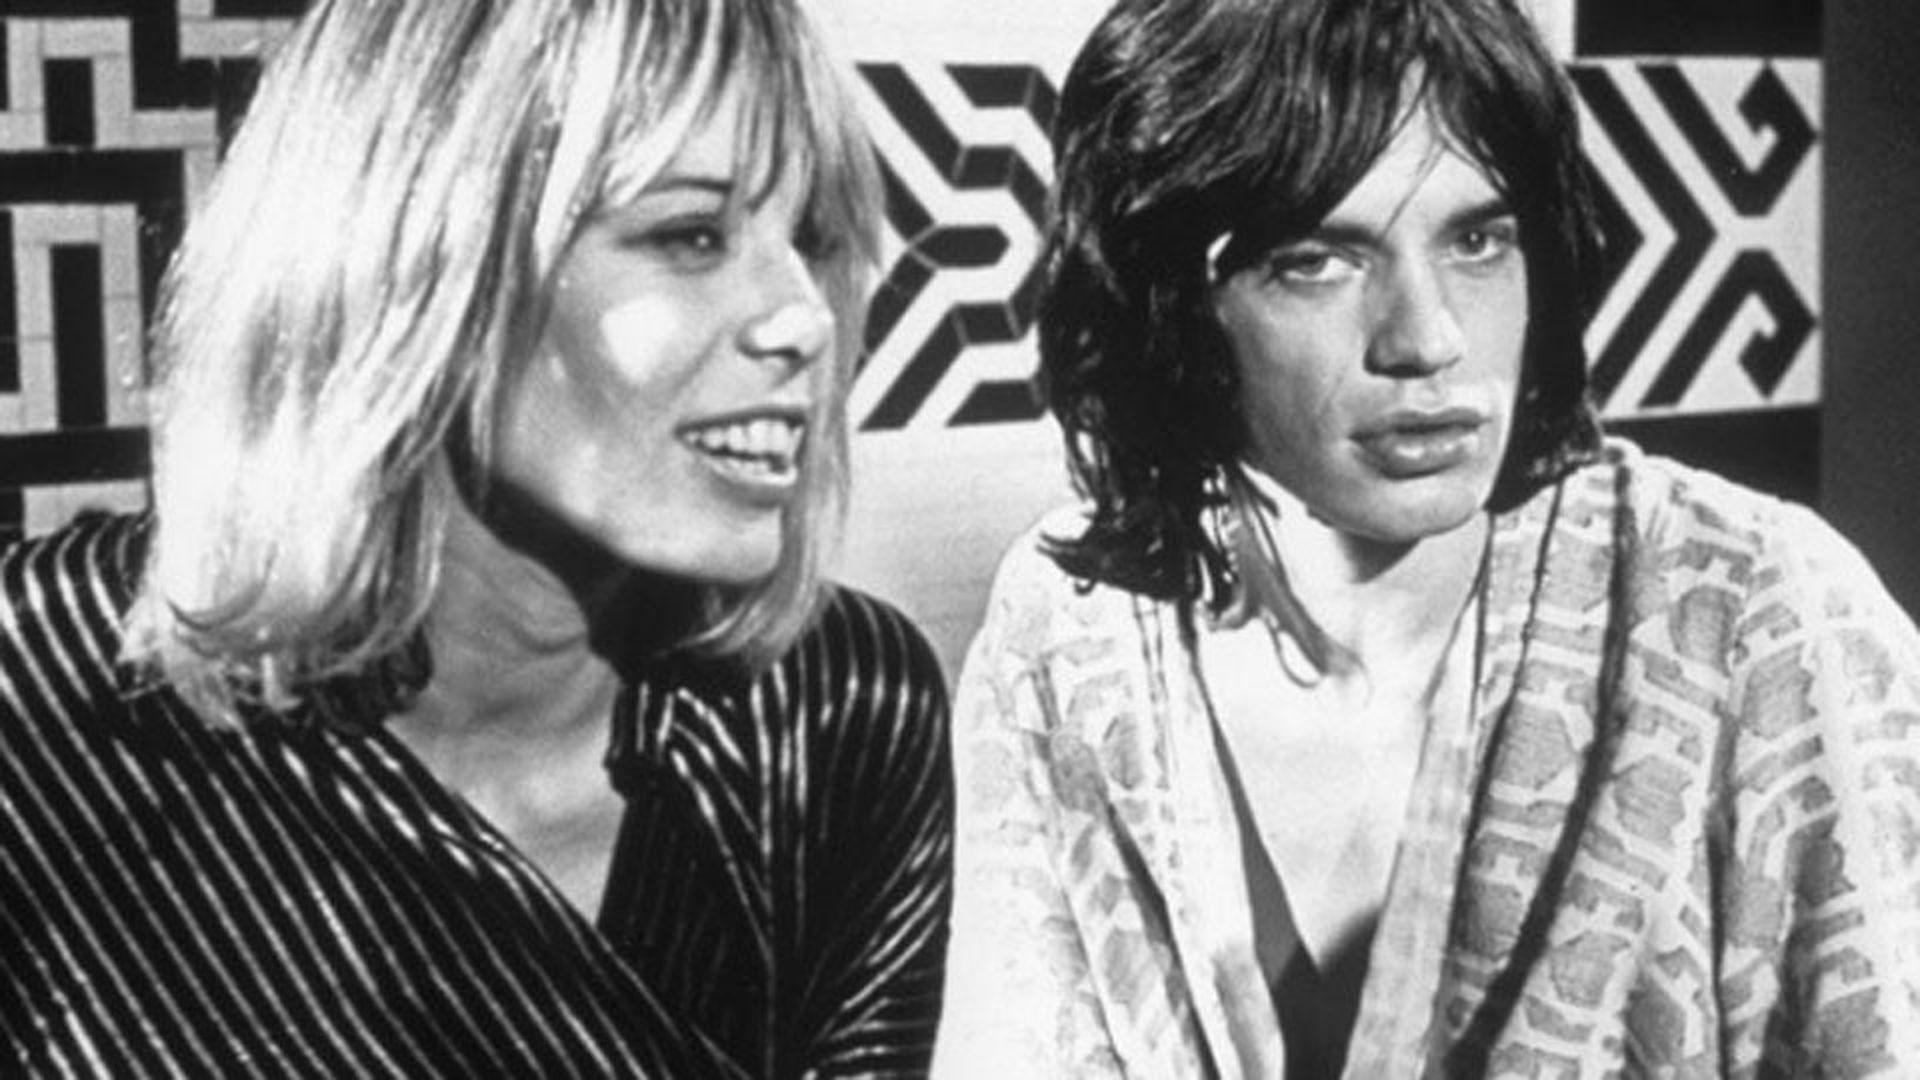 Anita Pallemberg junto a Mick Jagger, en la filmación de la película Performance